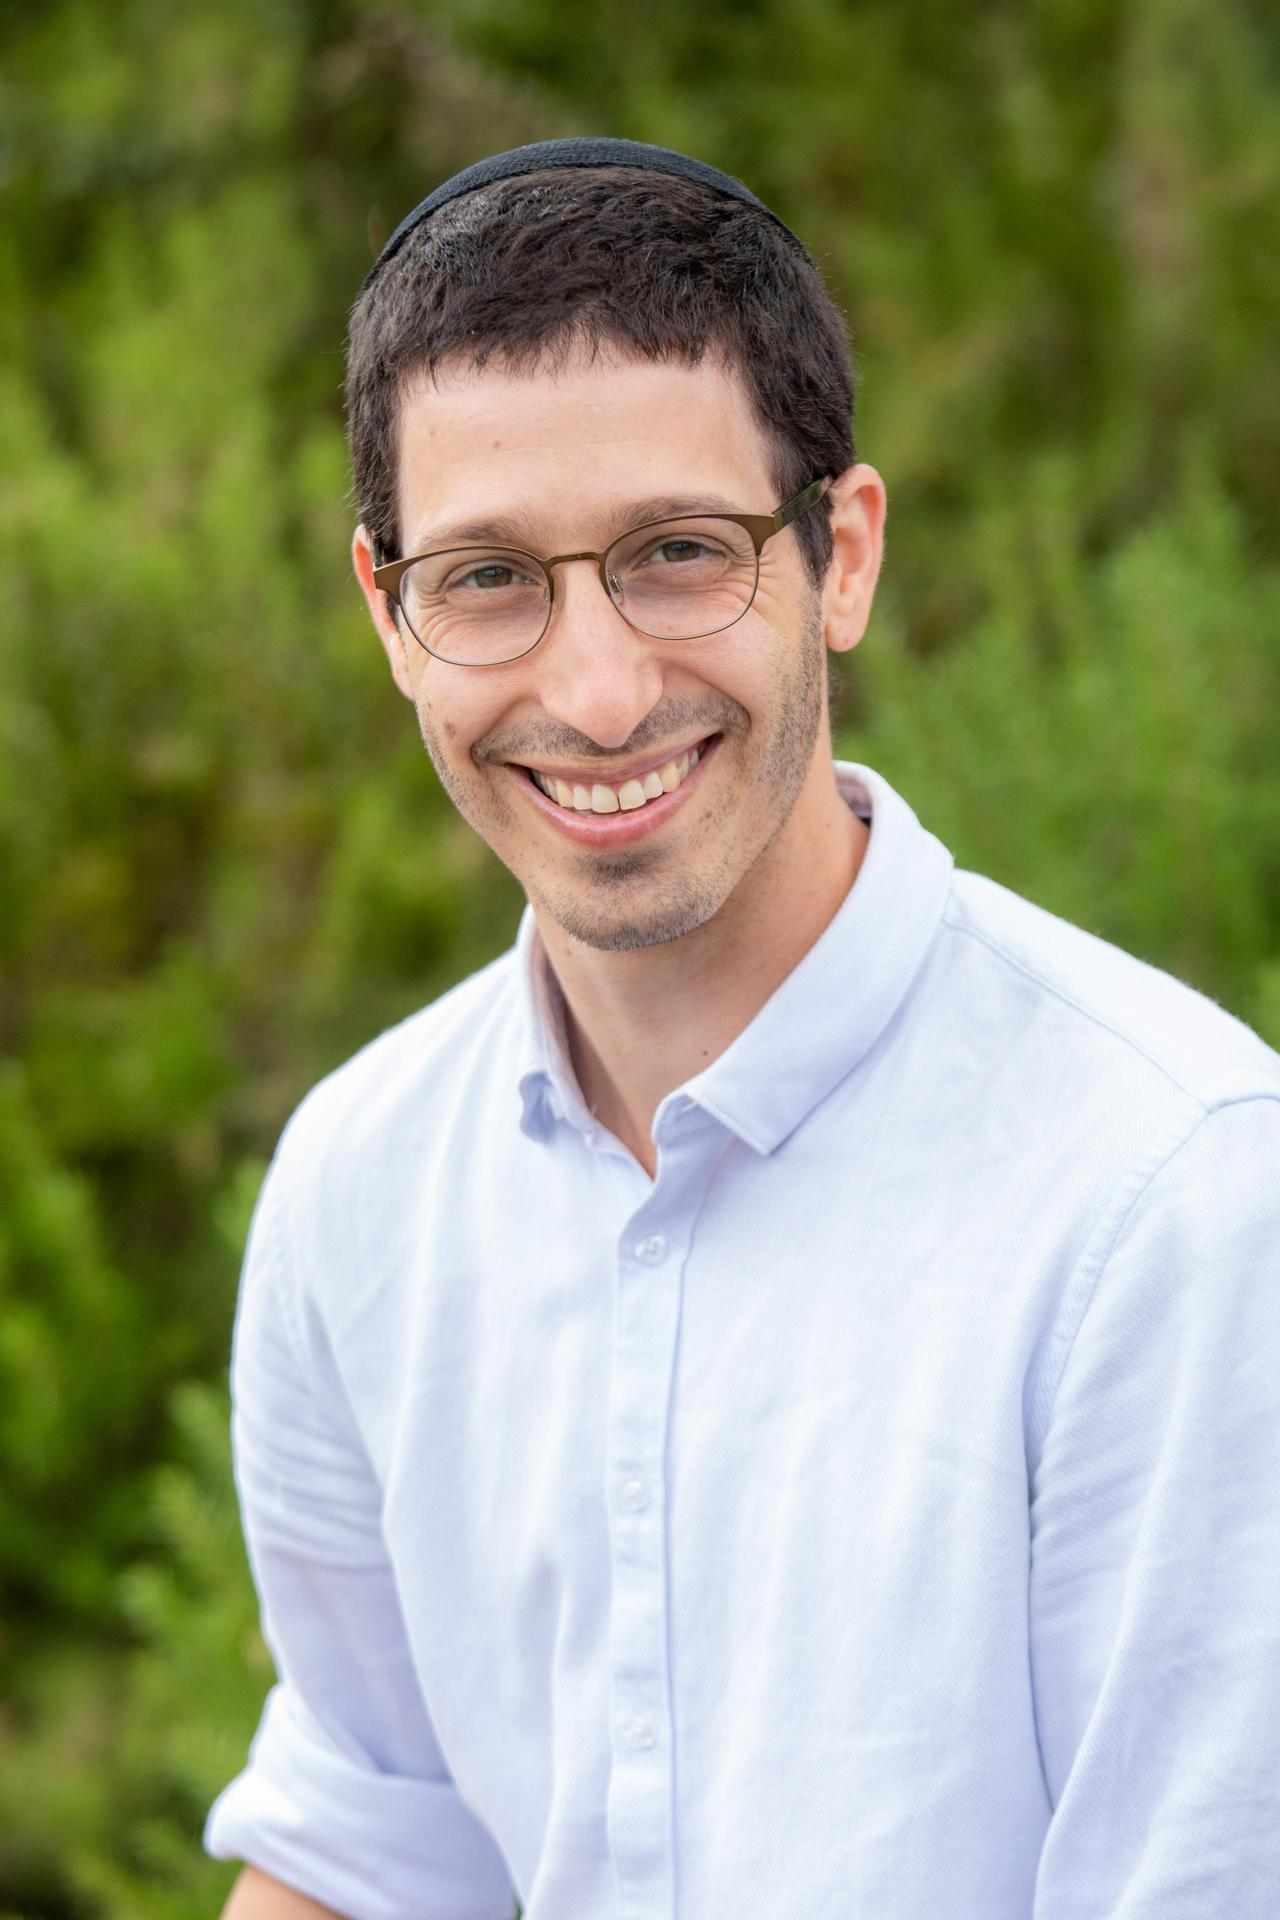 Adam Josephs